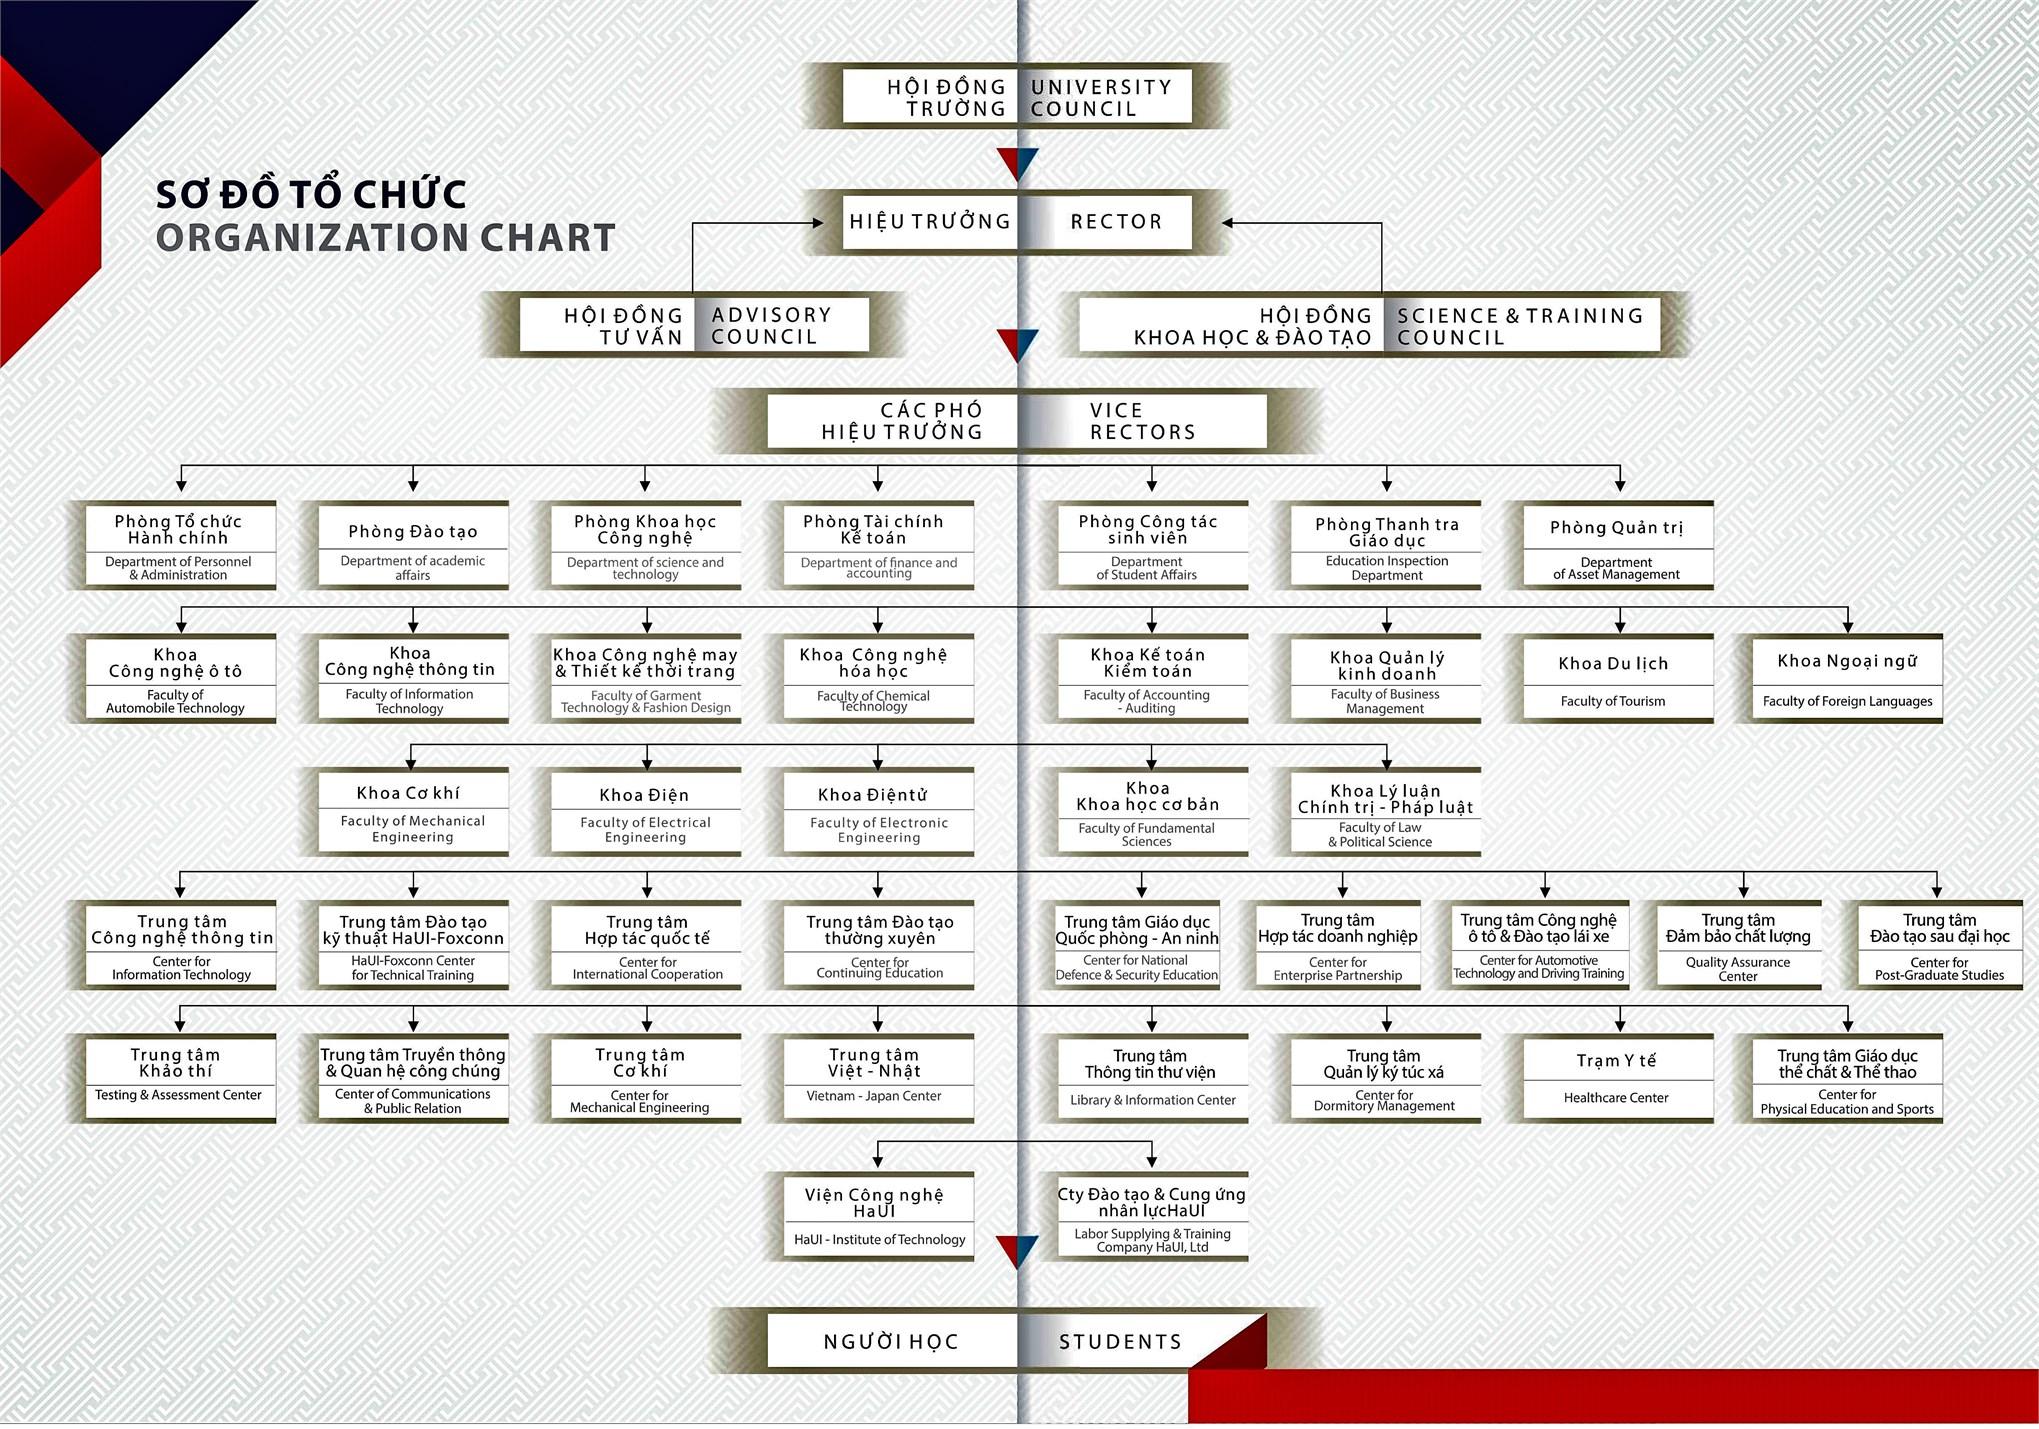 HaUI organization chart